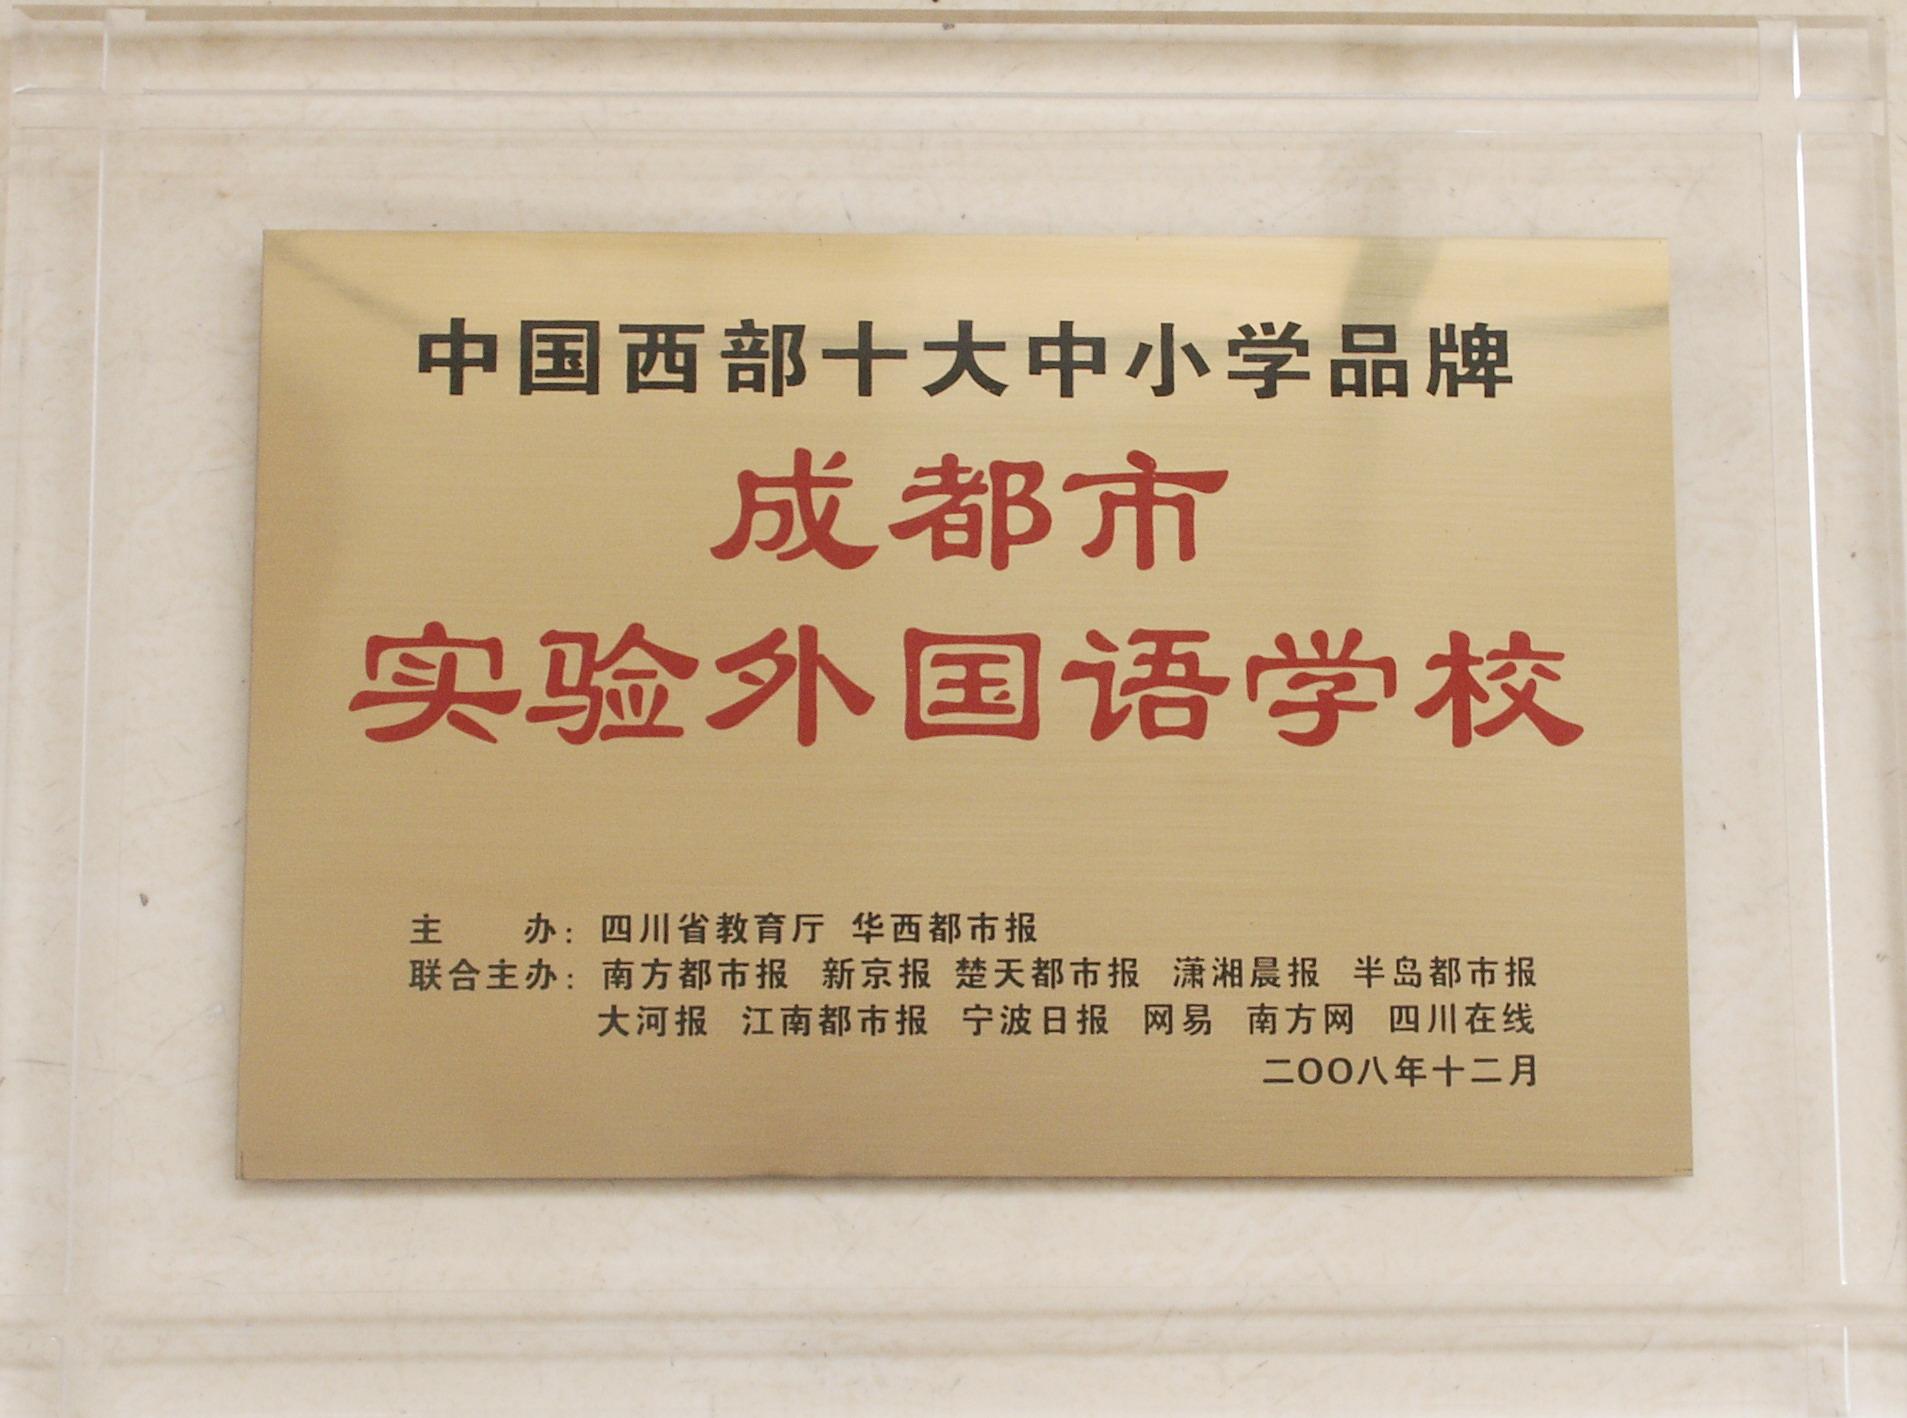 中国西部十大中小学品牌